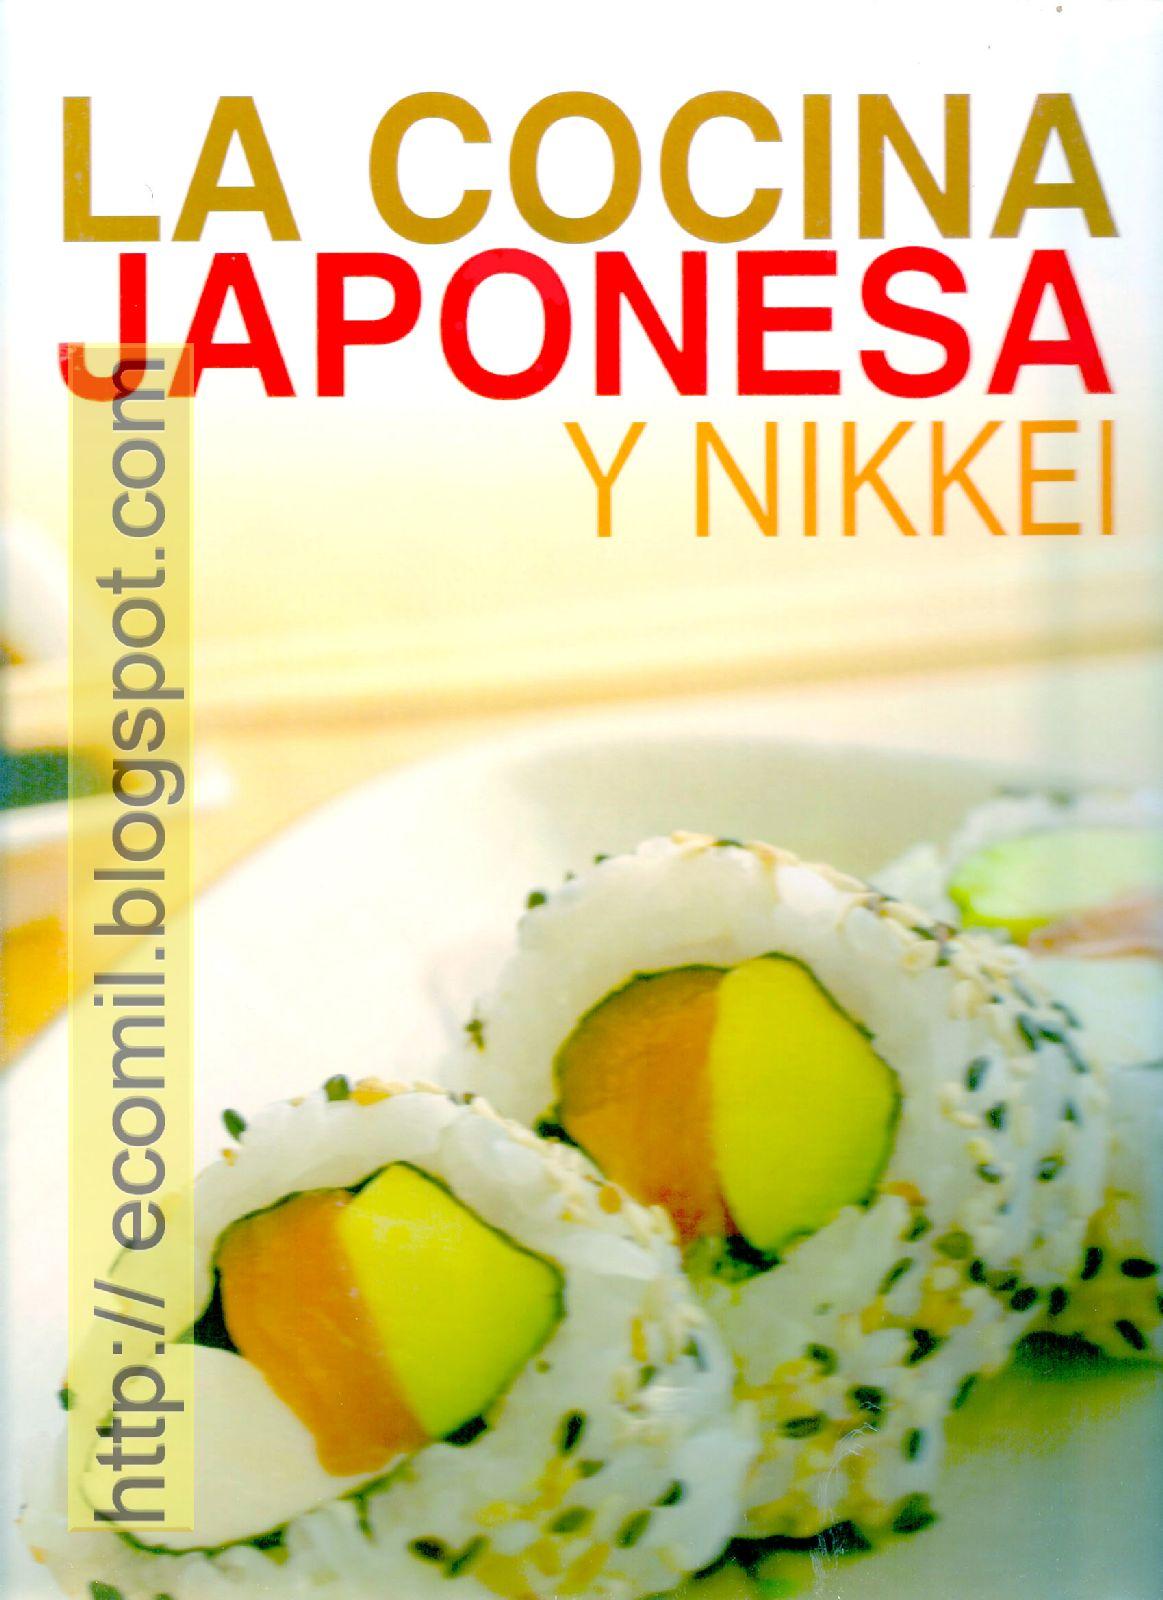 Libros Cocina Japonesa | Cocina Reposteria La Cocina Japonesa Y Nikkey